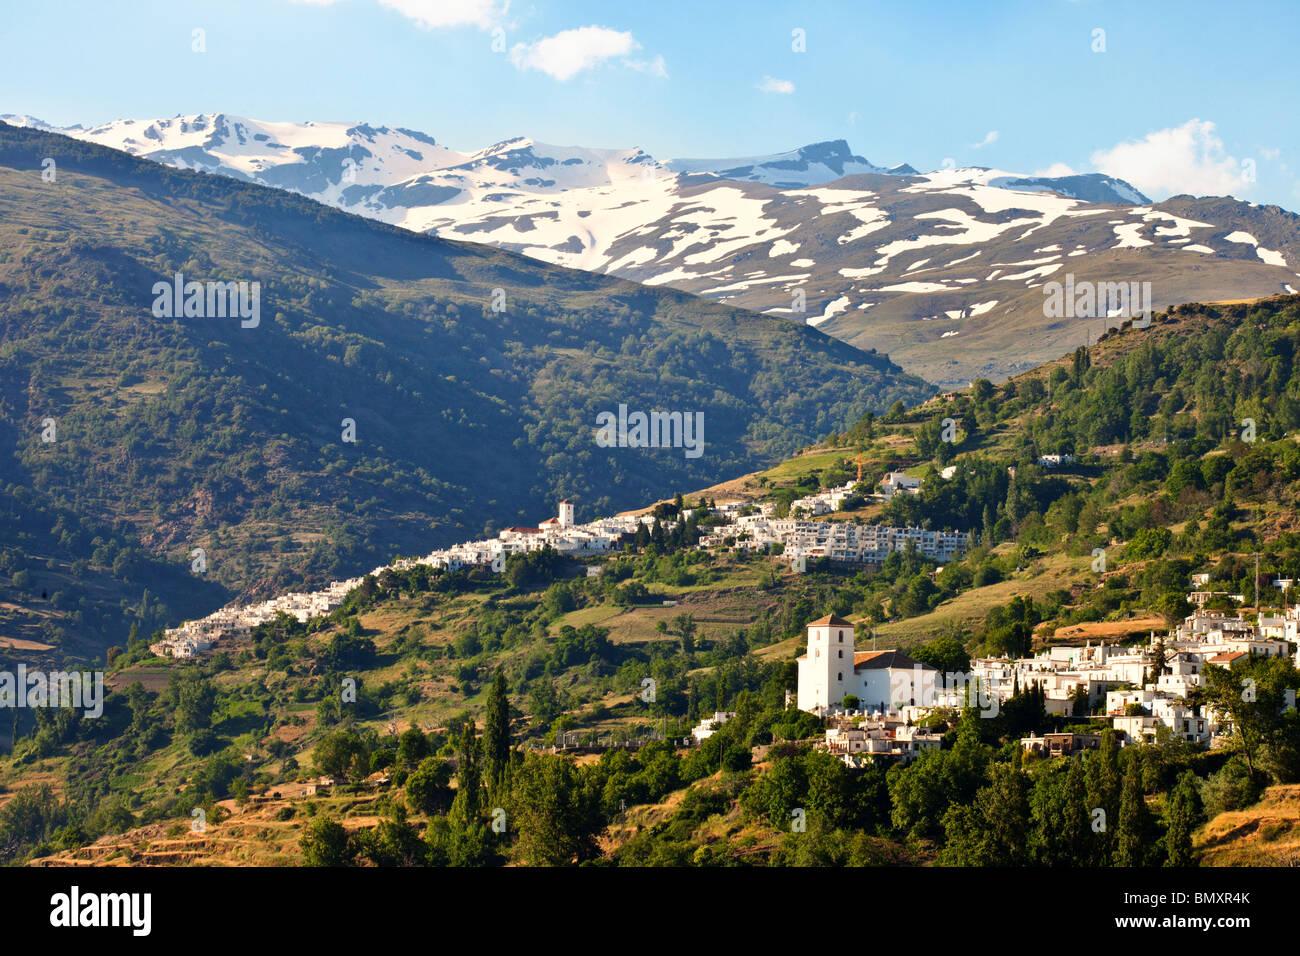 Capileira Et Bubion Villages Sous La Neige Des Montagnes Alpujarra Andalousie Sierra Nevada Espagne Photo Stock Alamy